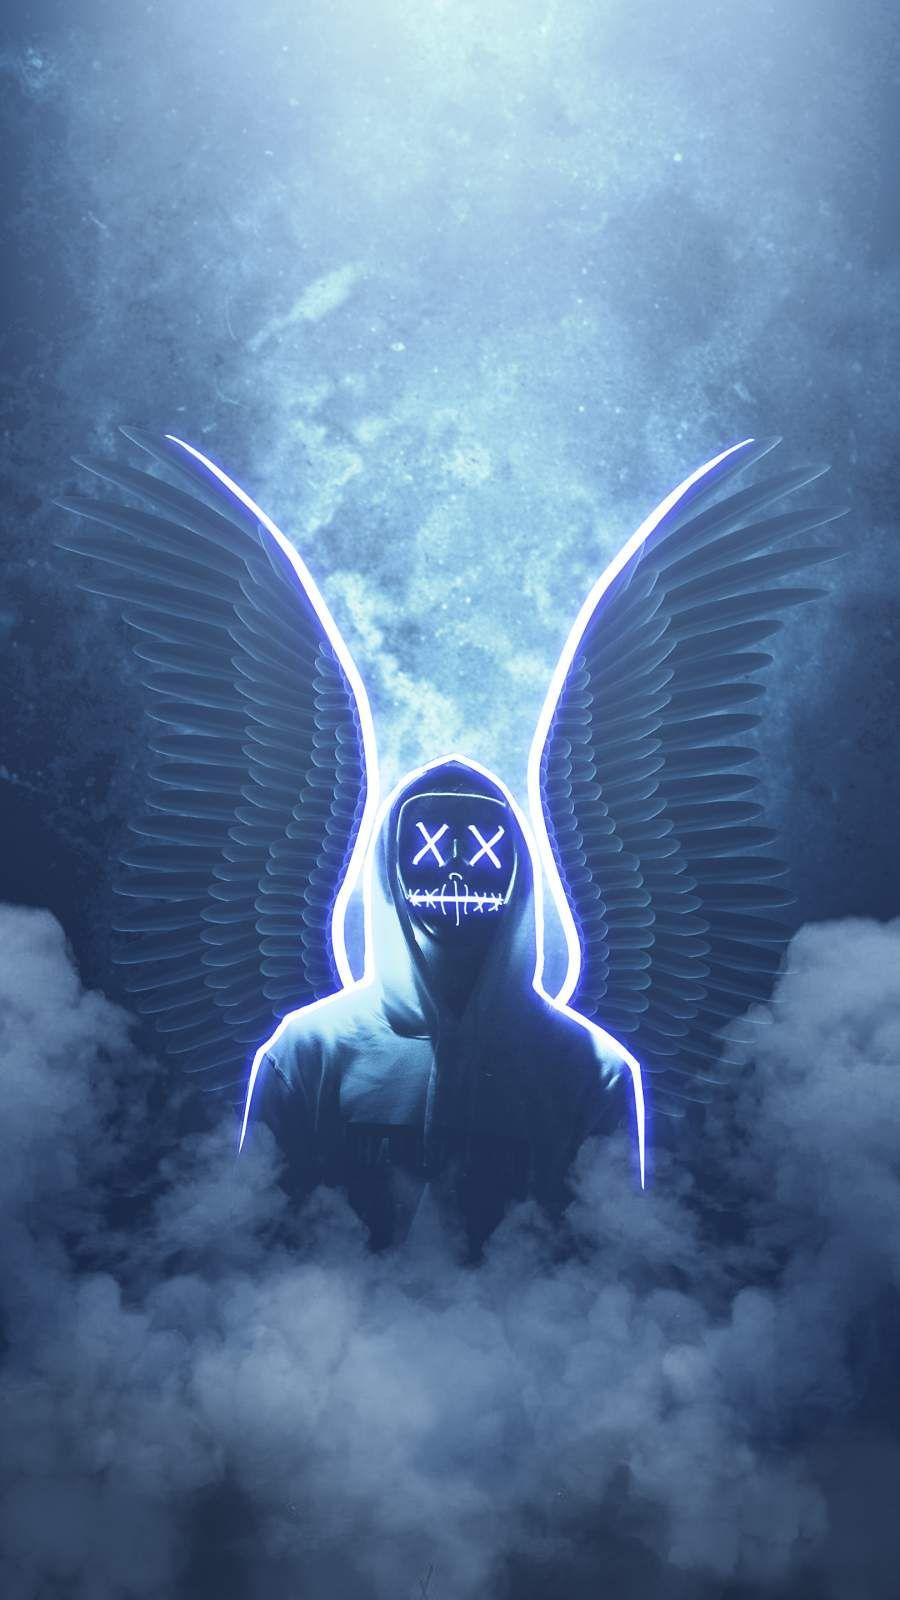 Neon Angel iPhone Wallpaper, 2020